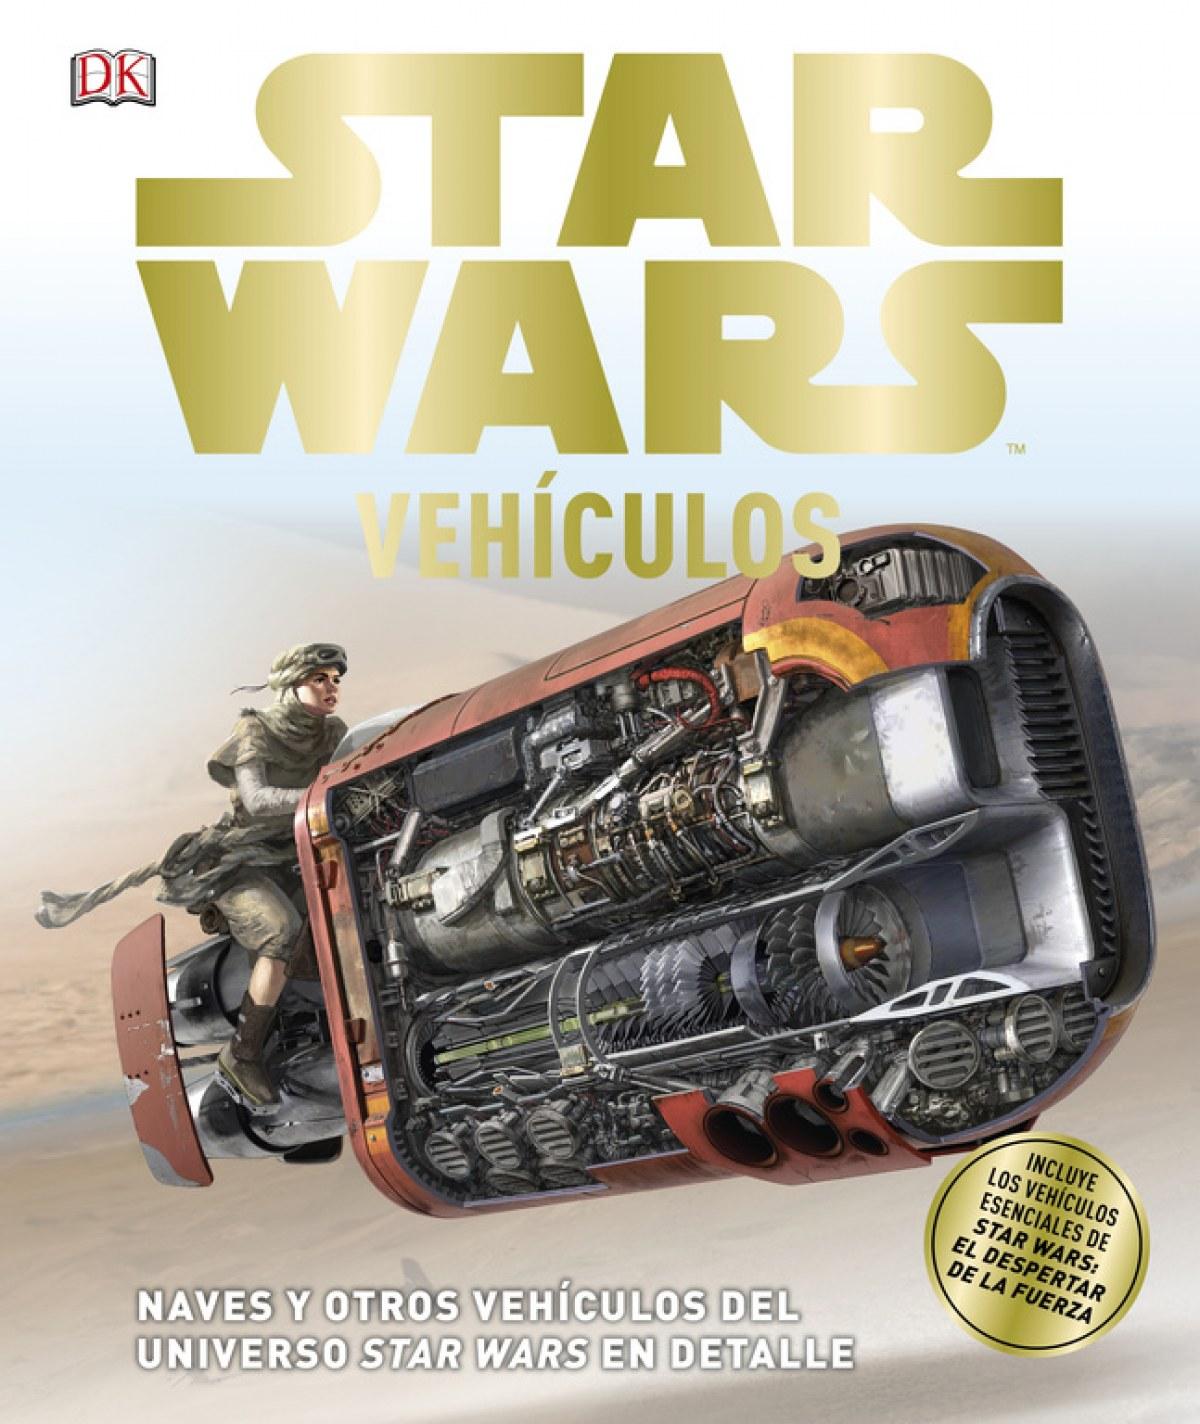 STAR WARS VEHíCULOS